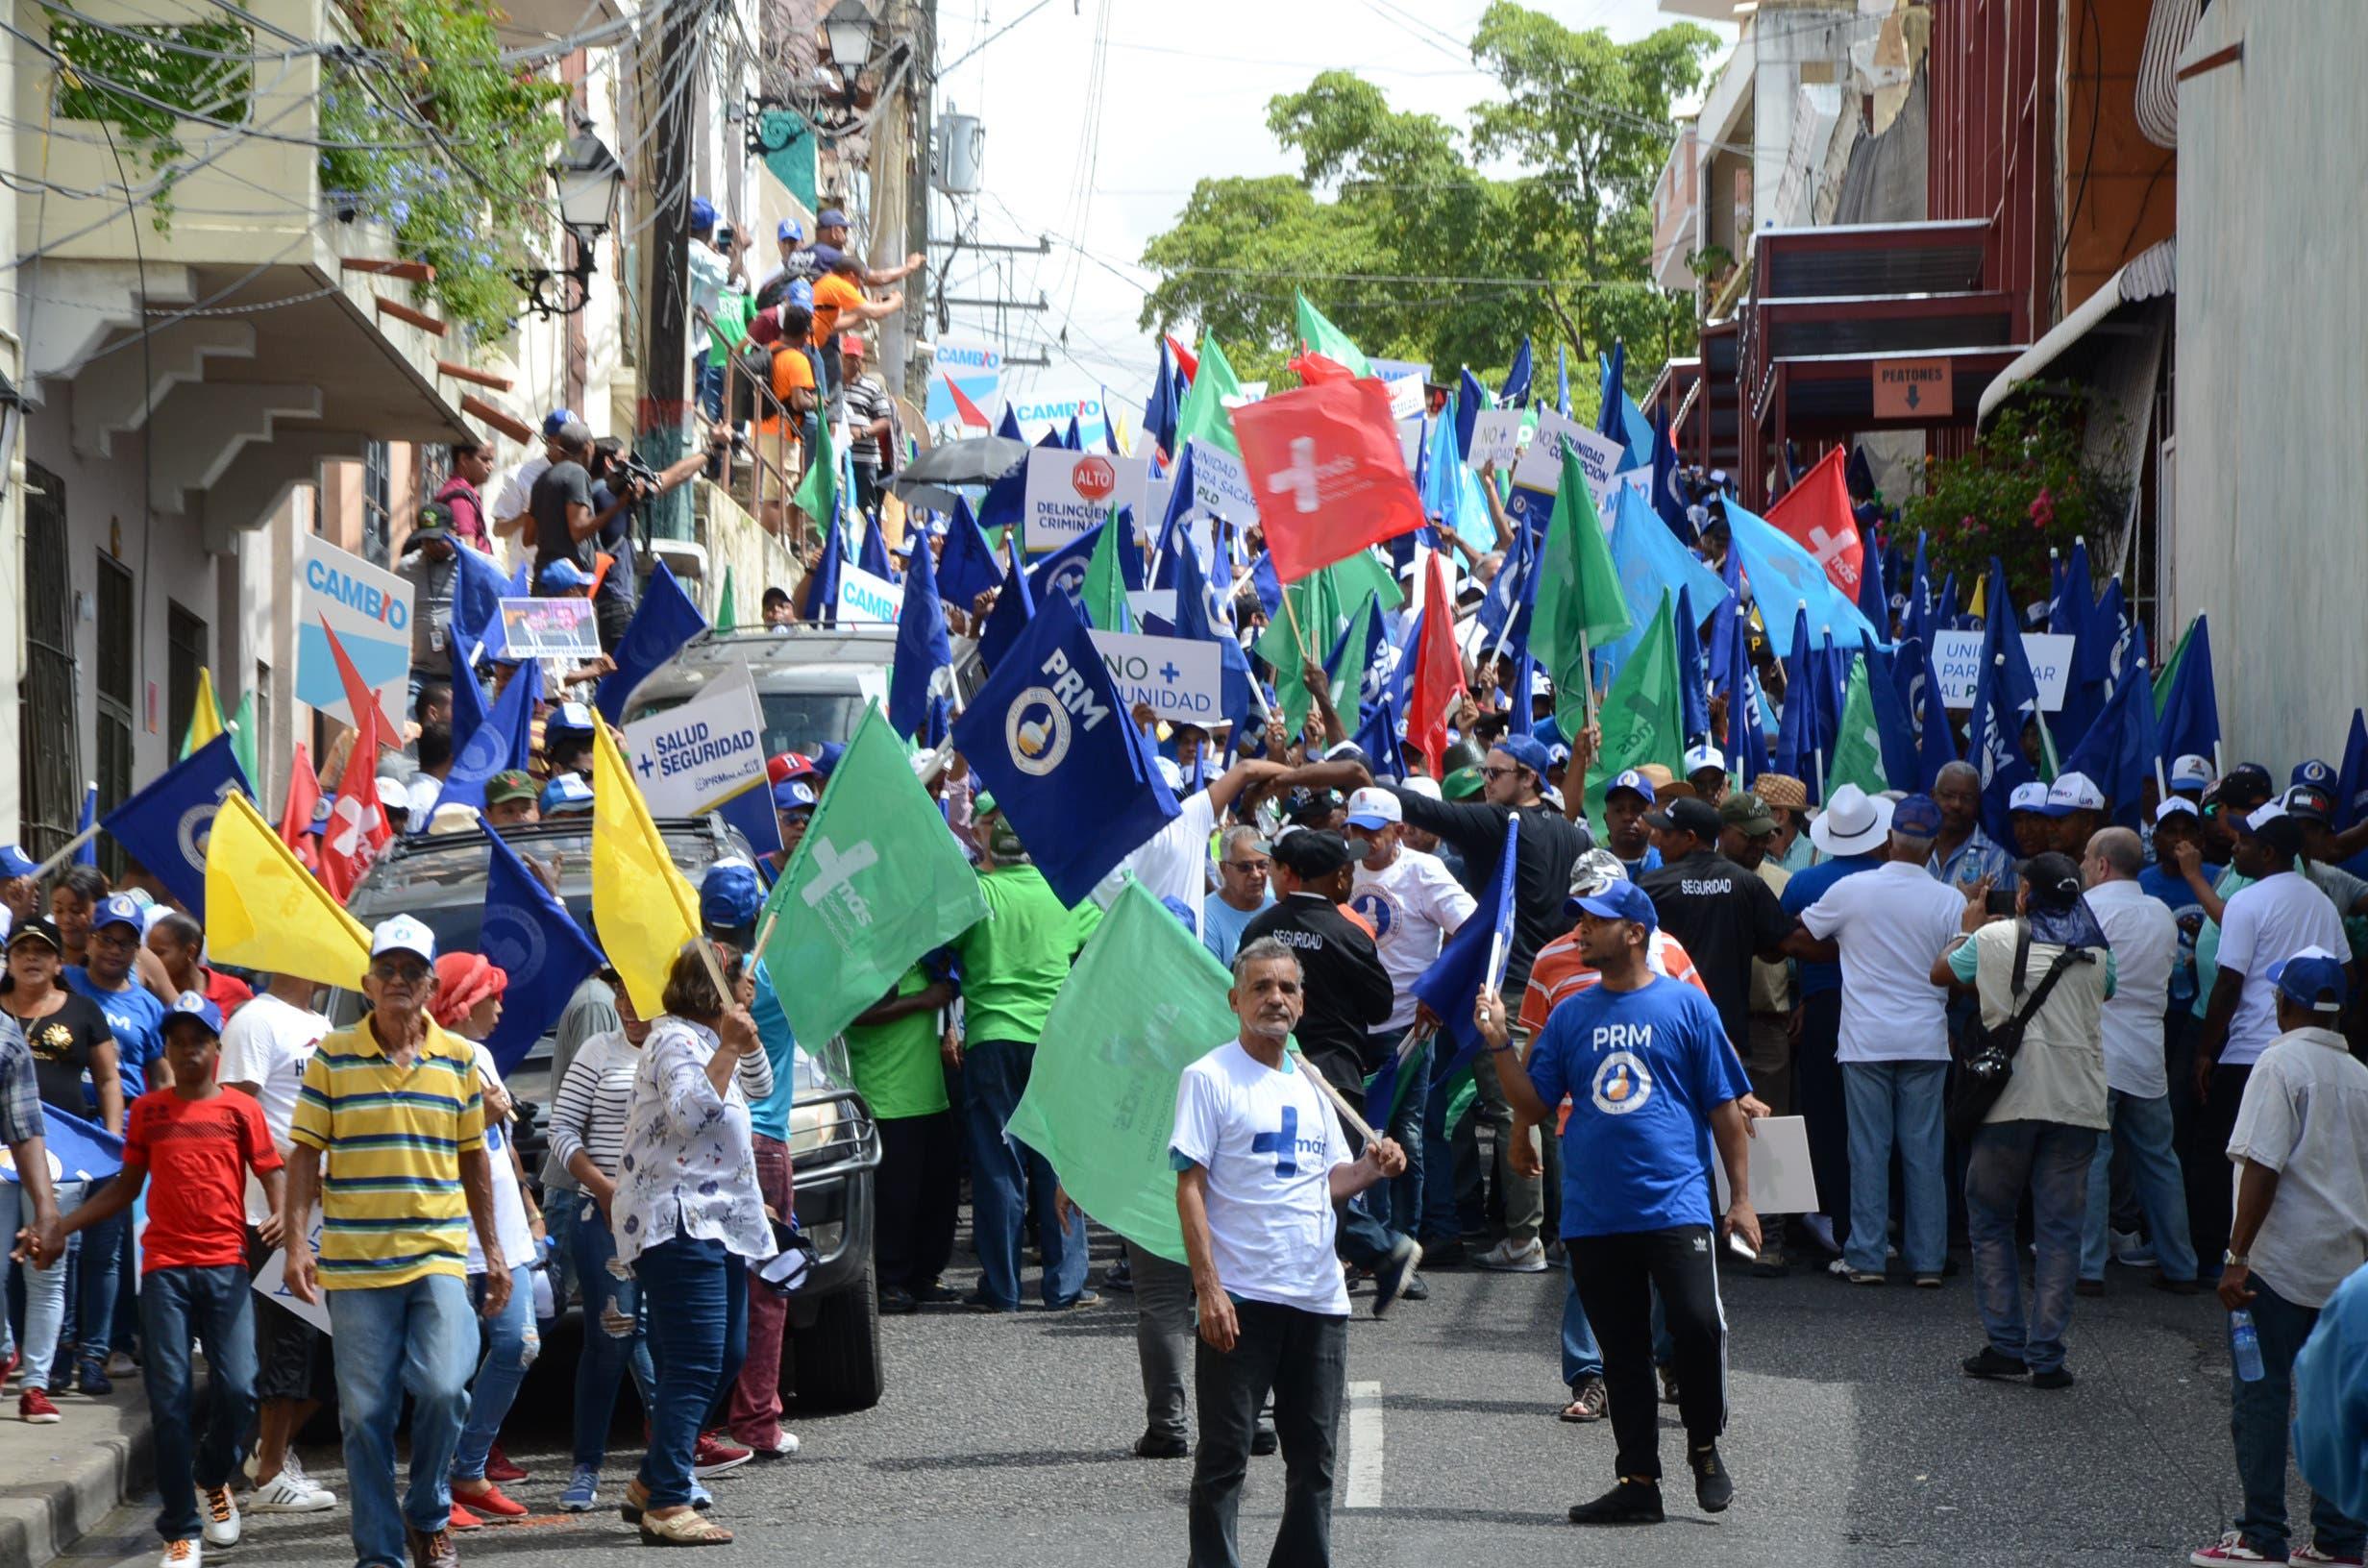 6. La Coalición Democrática llamo a construir y expandir de inmediato una gran unidad nacional para derrotar cualquier forma de continuidad en el poder a Danilo Madina y Leonel Fernández y el PLD